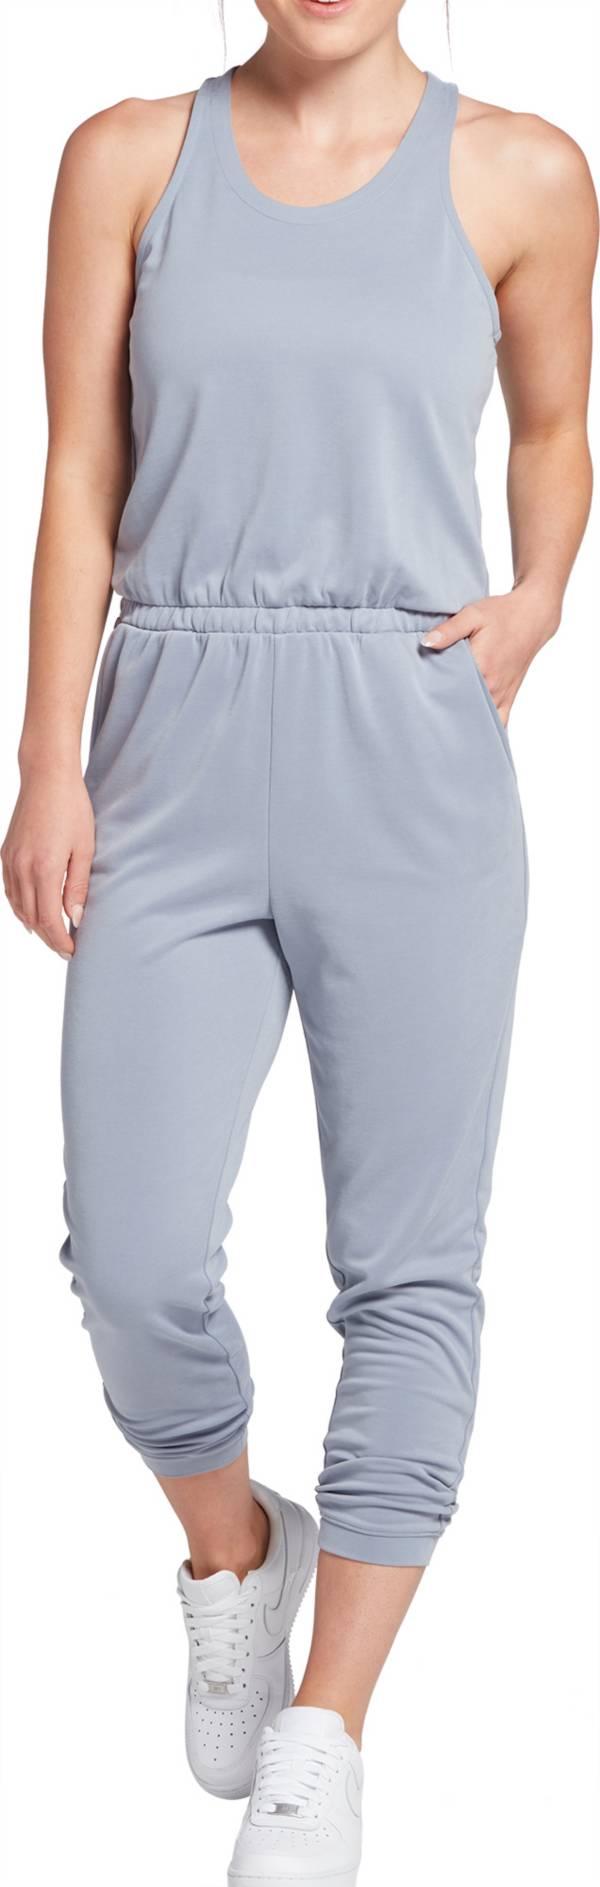 CALIA by Carrie Underwood Women's Halter Neck Sandwash Jumpsuit product image